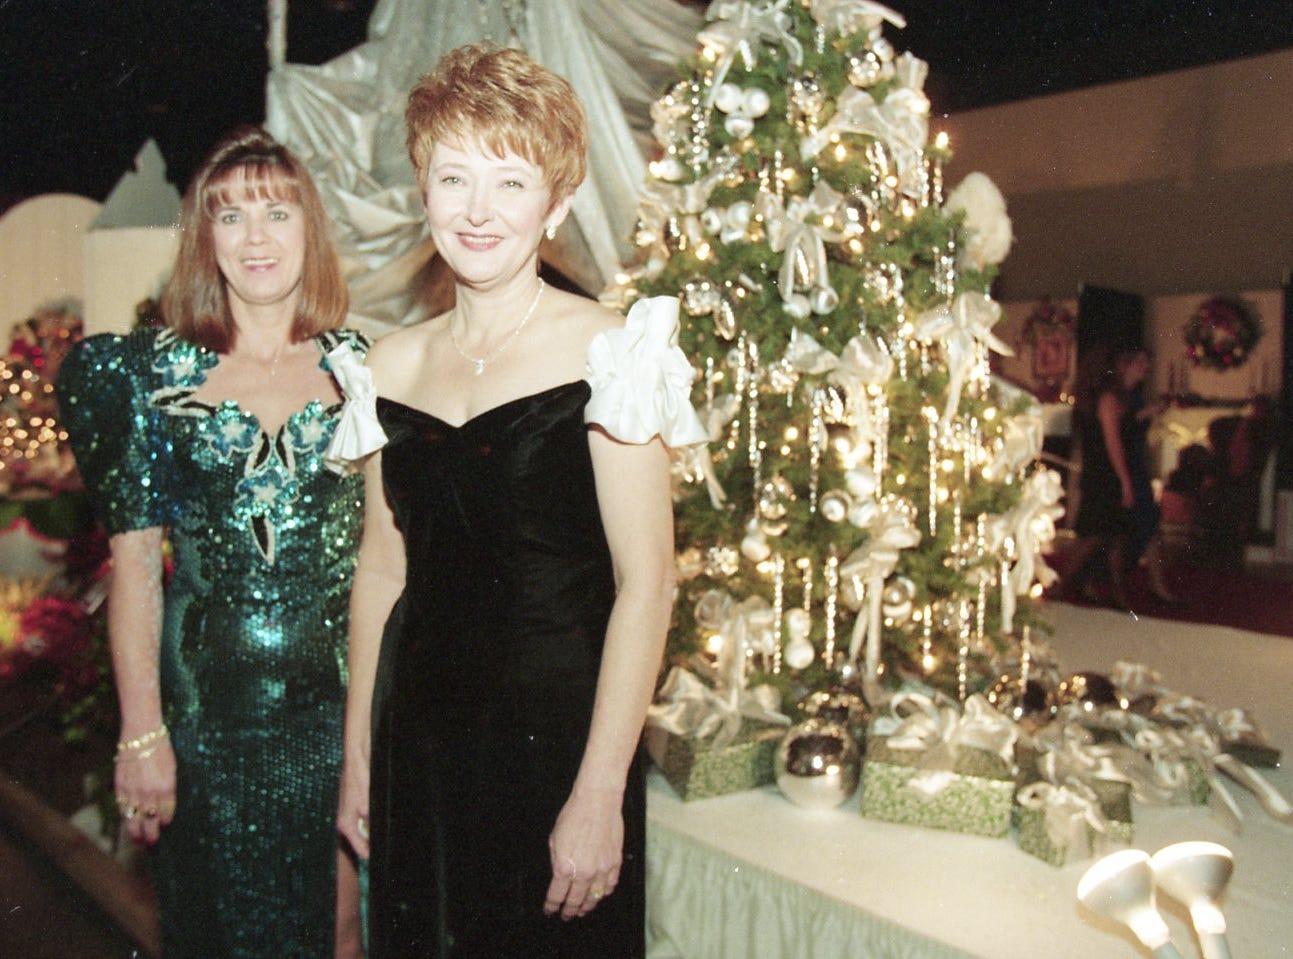 June rainwater and Yvonne Henderlight at the Fantasy of Trees gala, November, 1995.